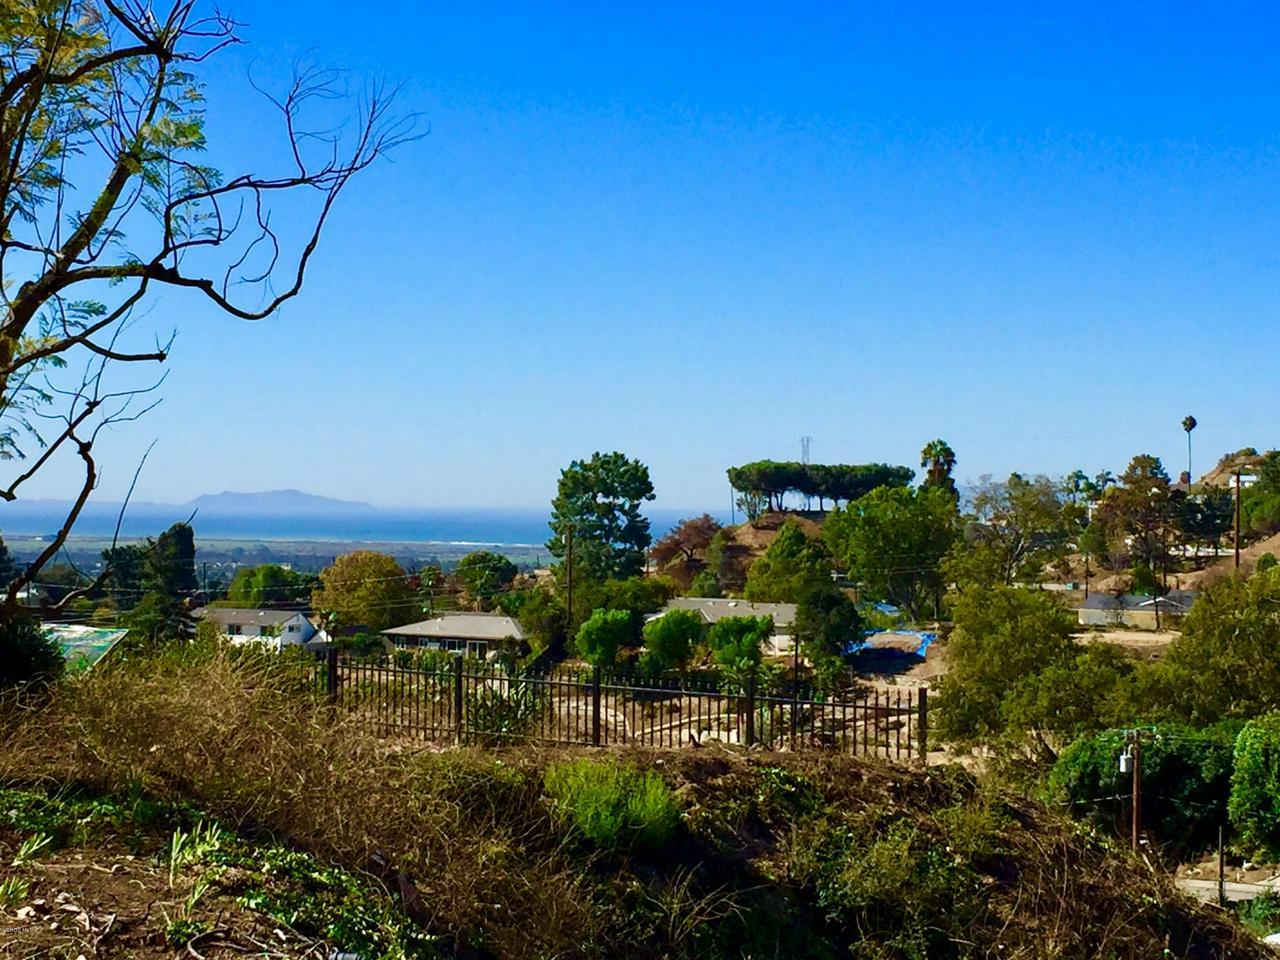 857 MONTE VISTA, Ventura, CA 93003 - Monte Vista